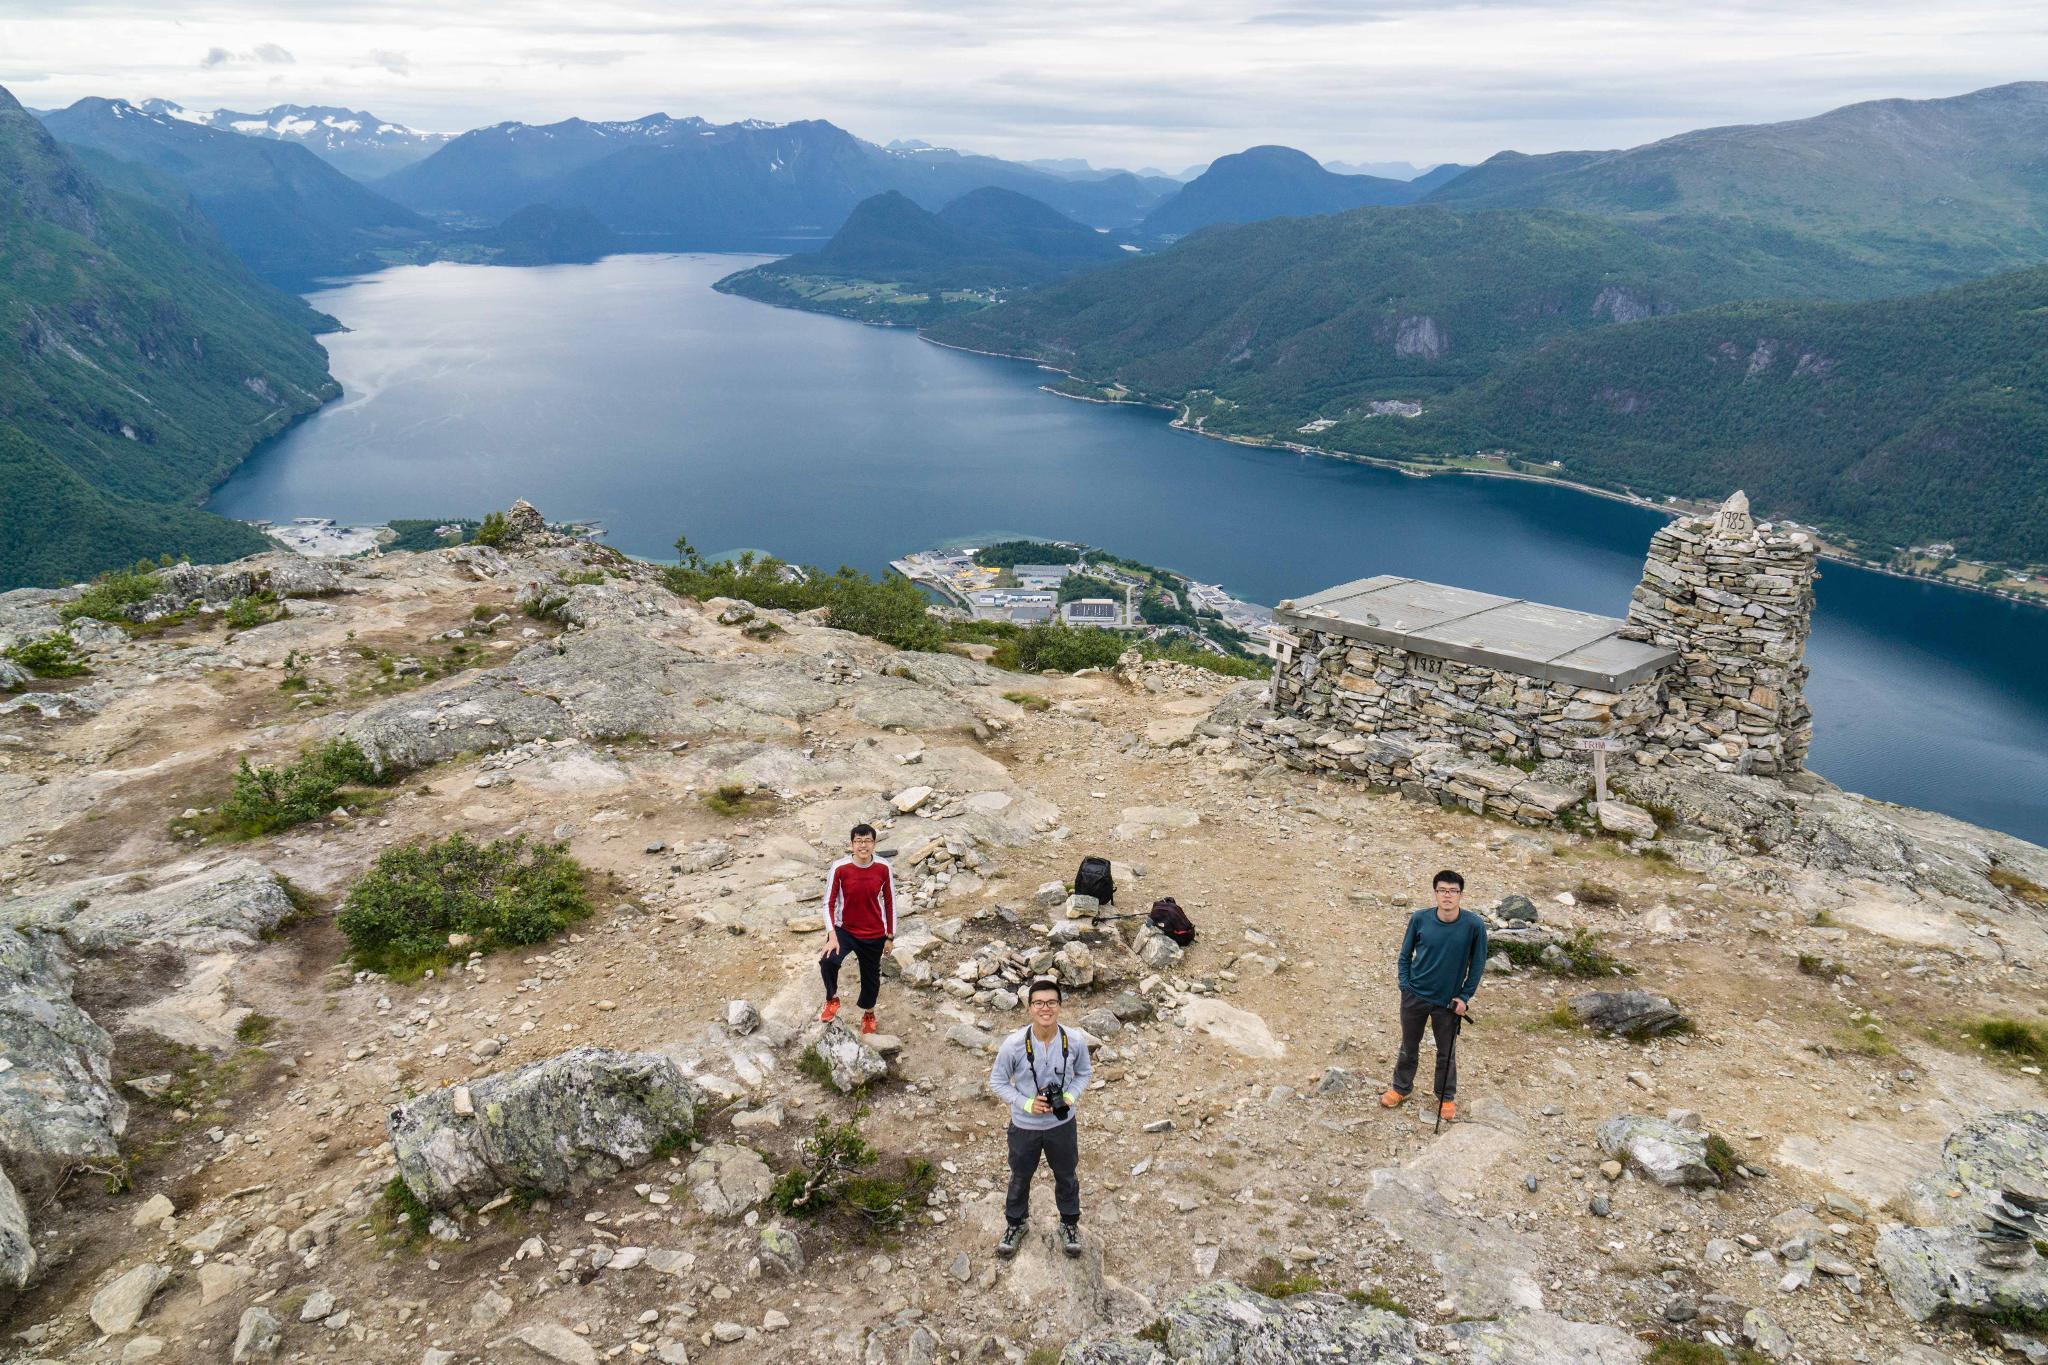 【北歐景點】峽灣區起點Åndalsnes健行 - 鳥瞰峽灣全景的Rampestreken觀景台 28